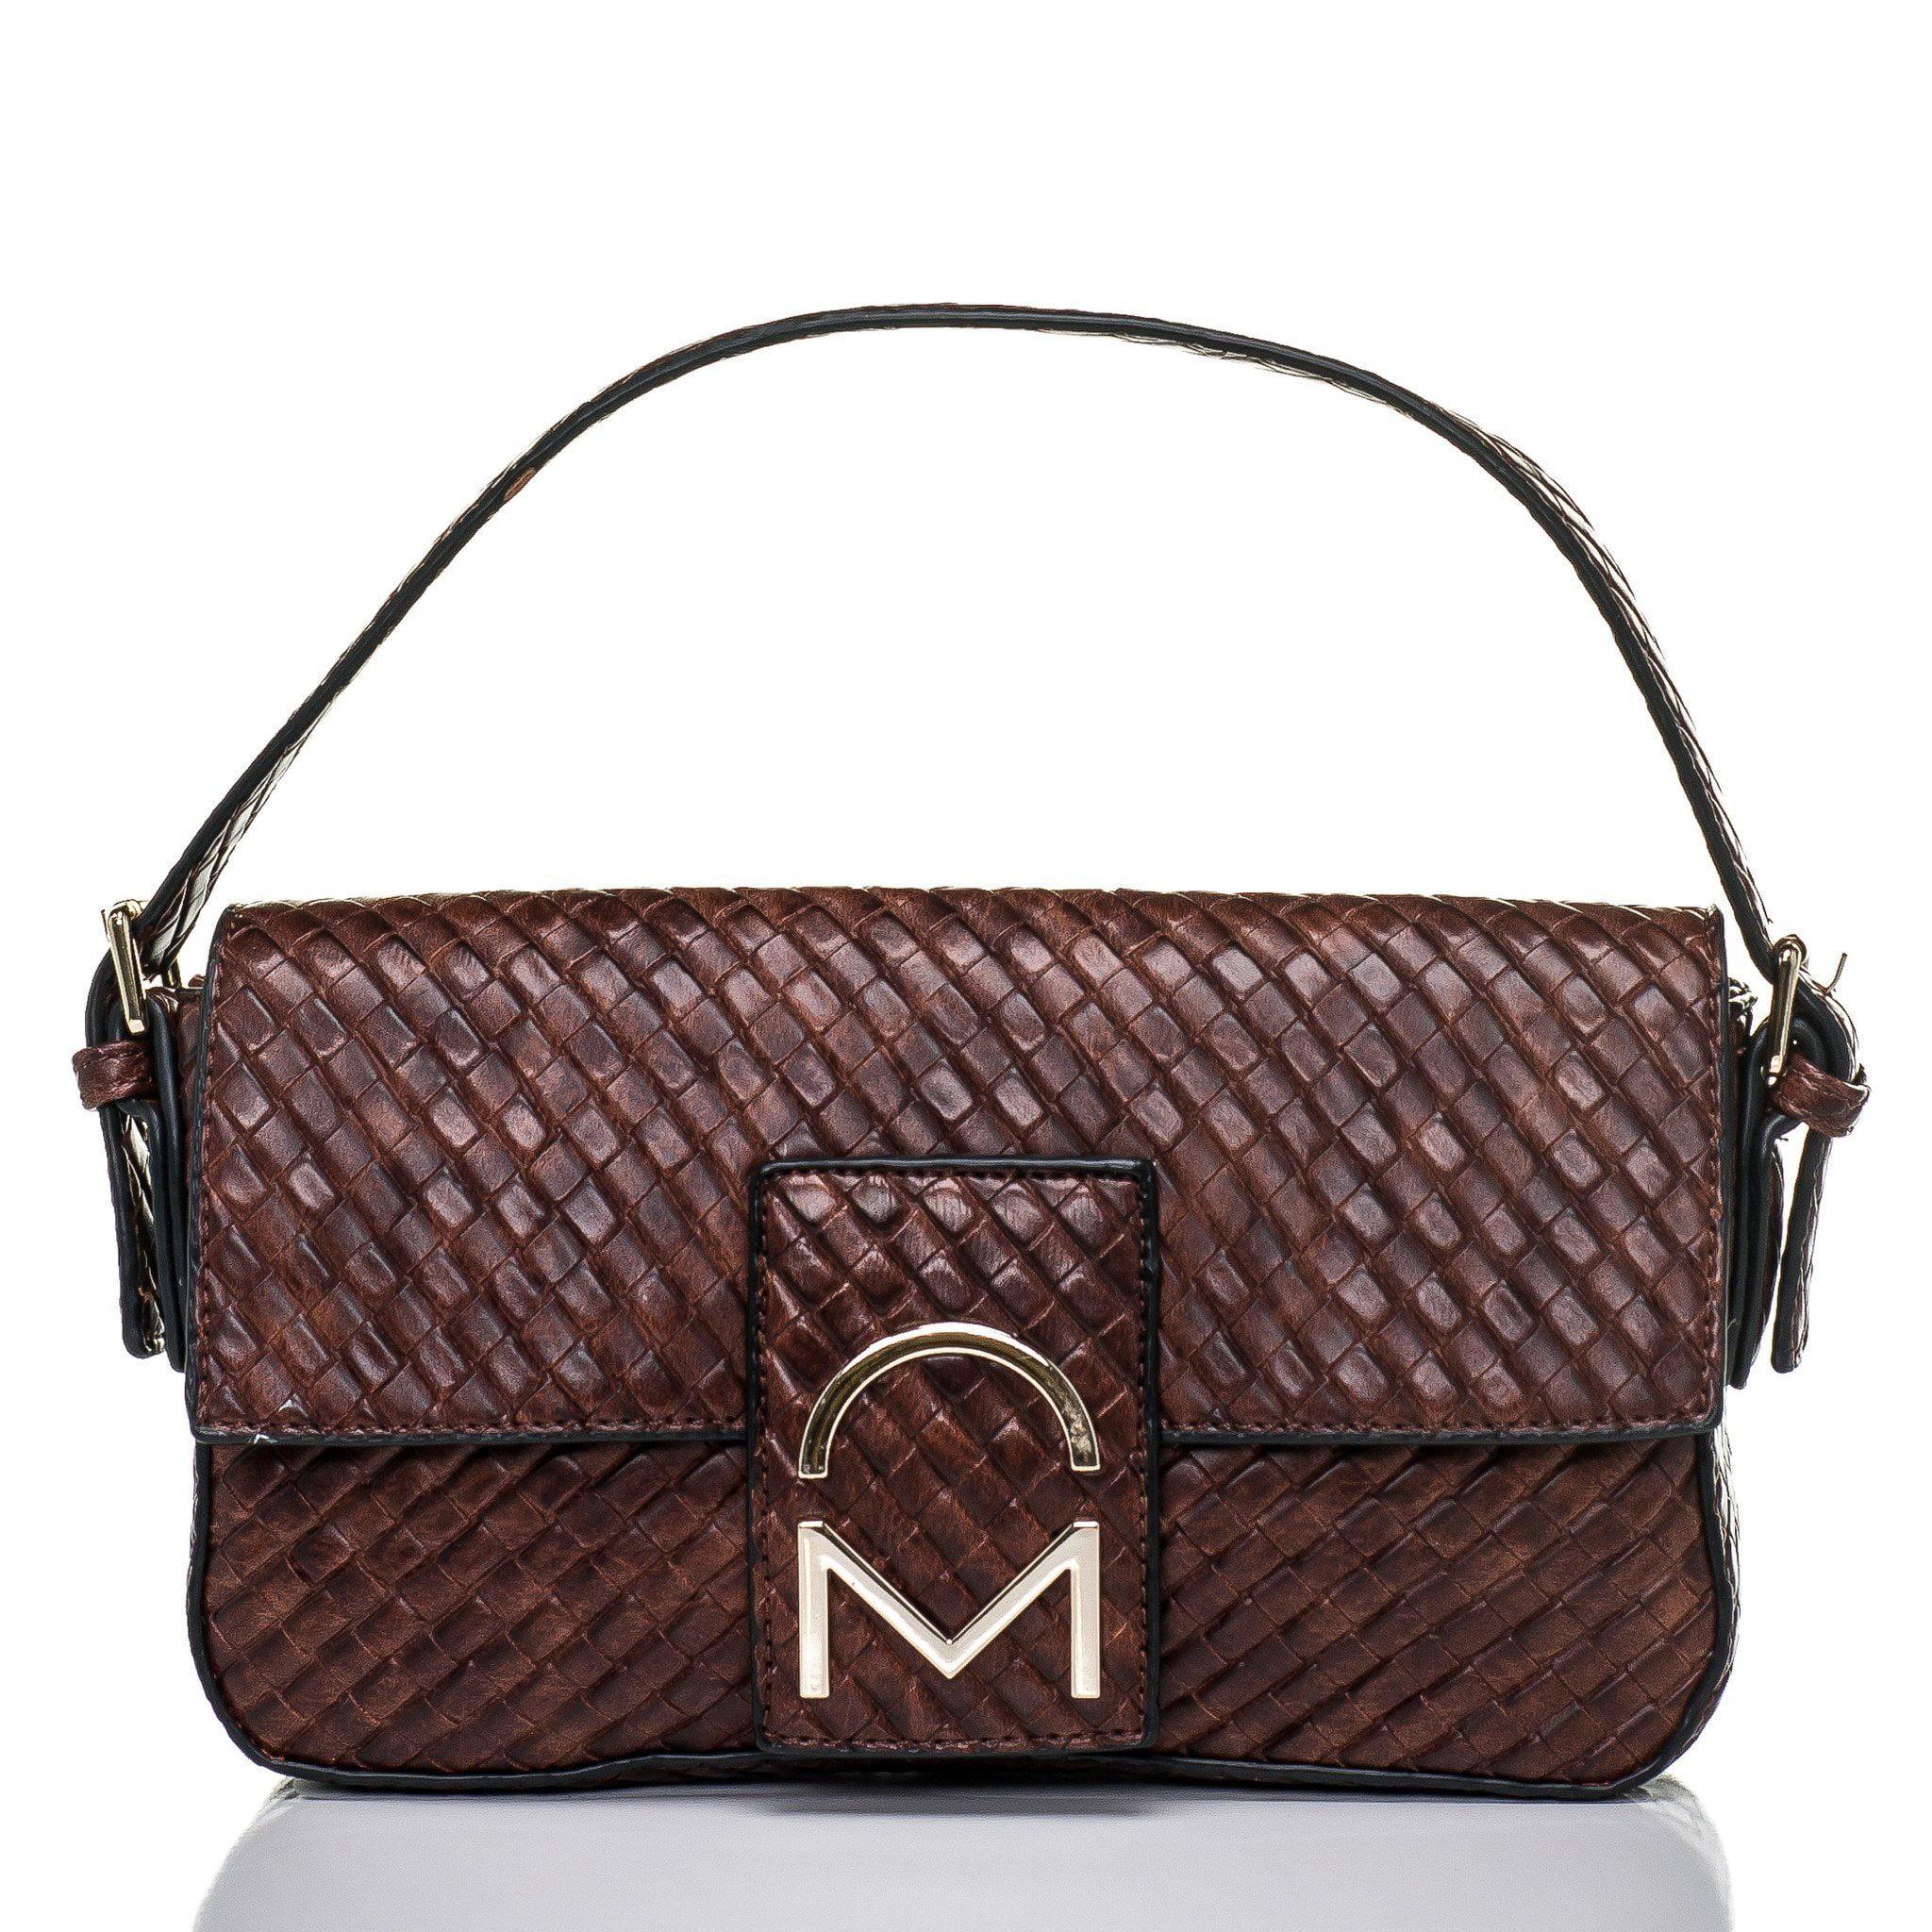 Noble Mount Bewitched Baguette Handbag